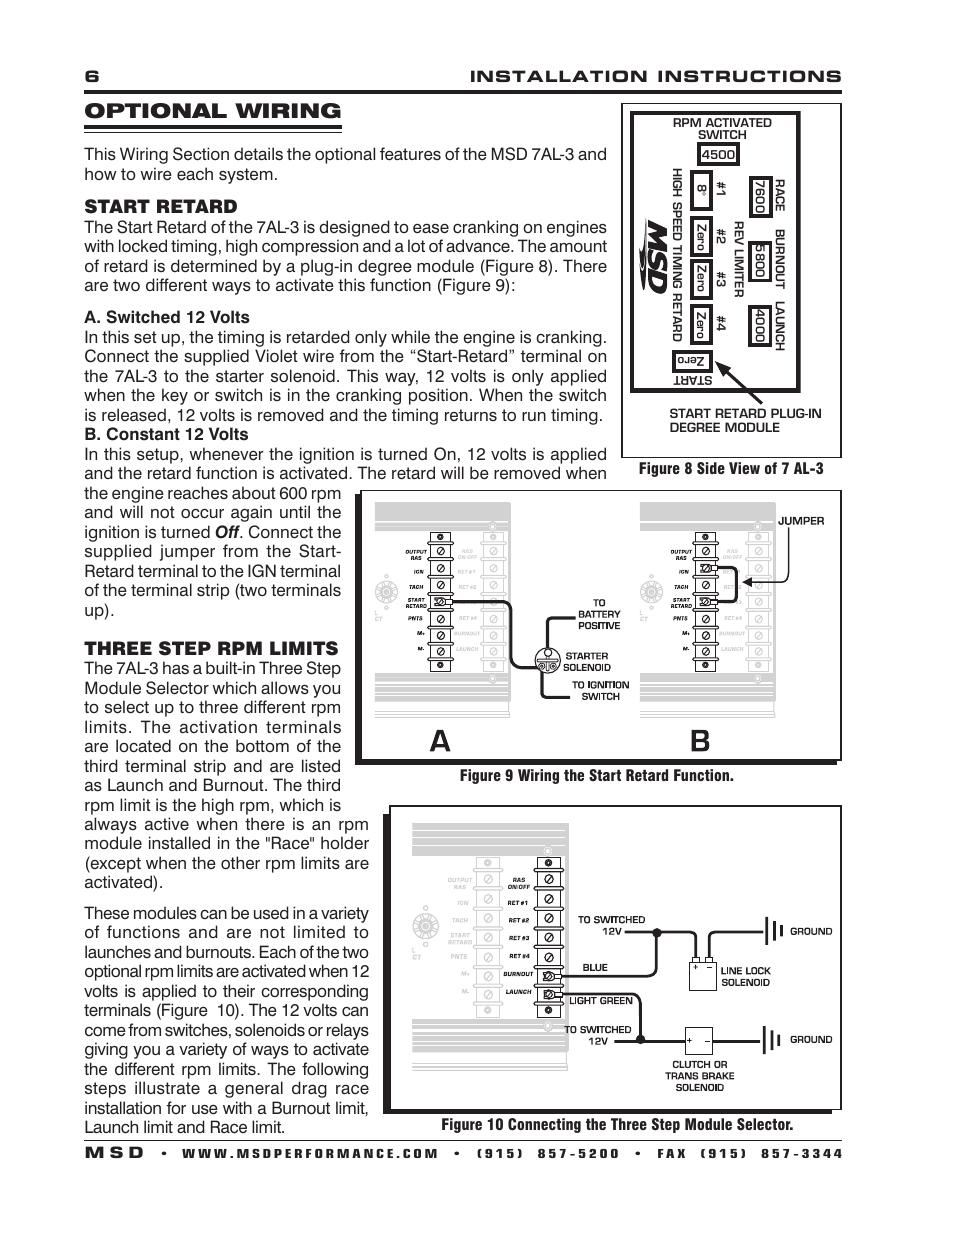 Msd 7al 2 Wiring Diagram